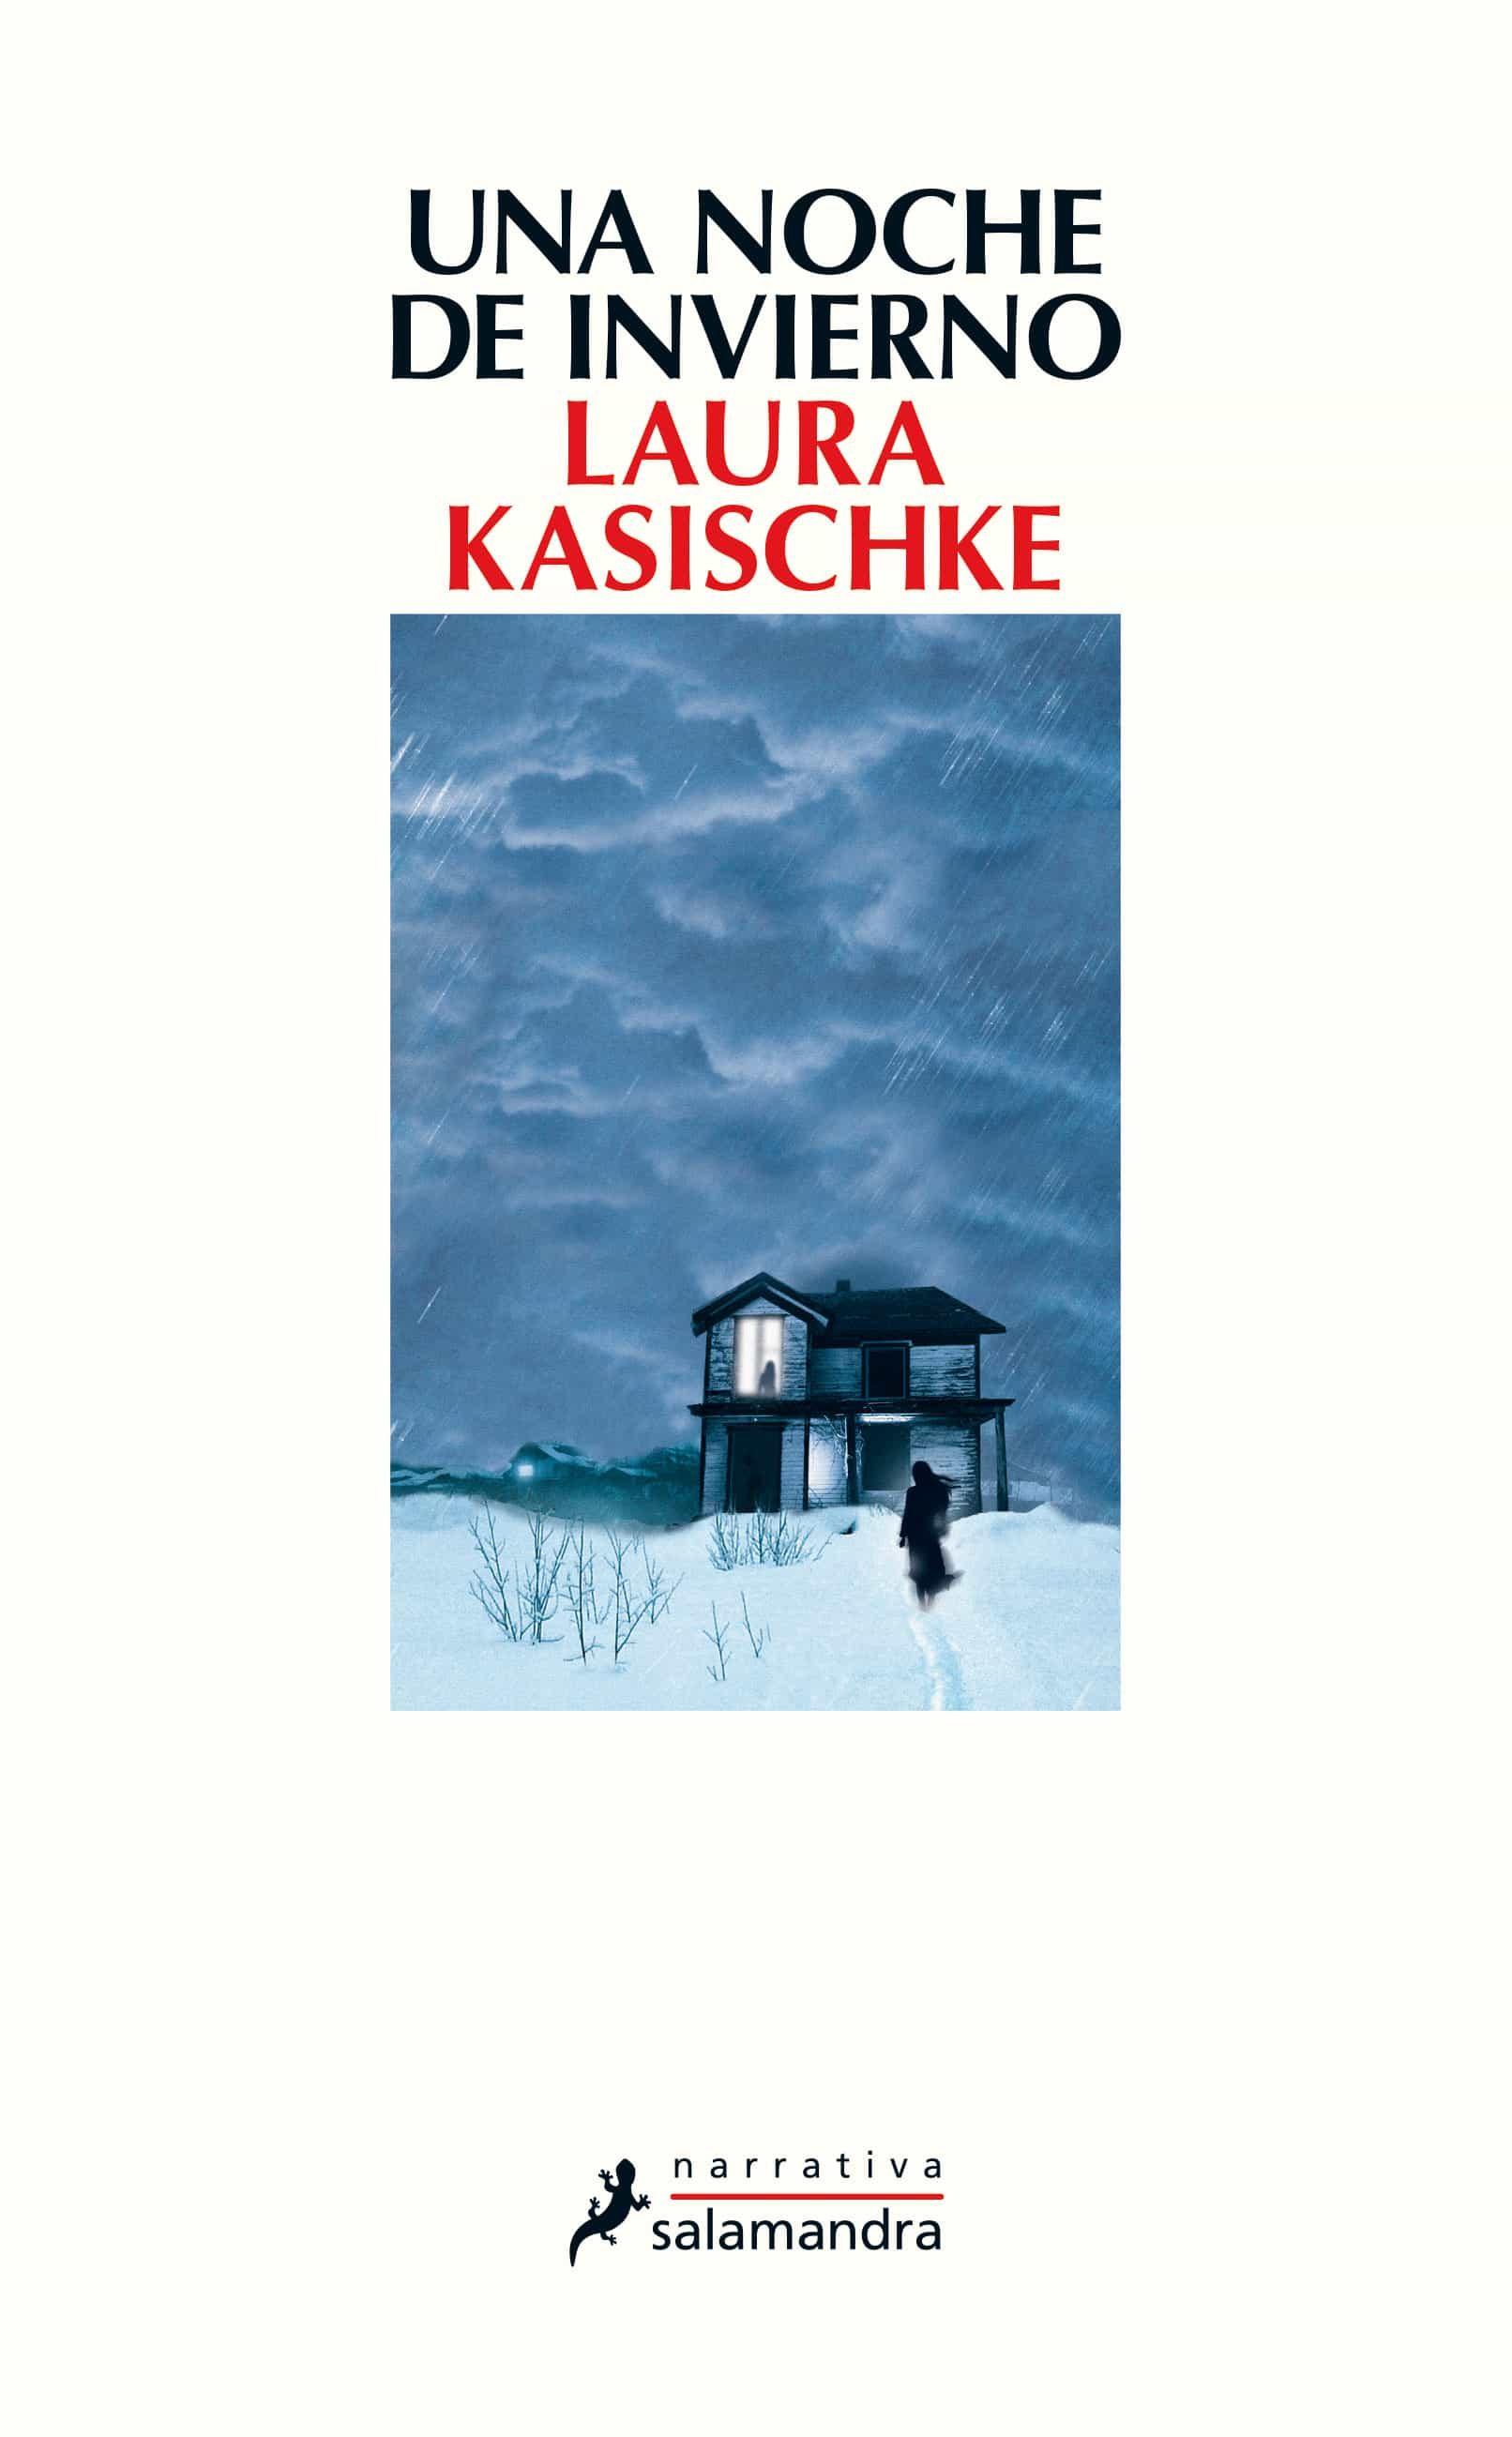 Resultado de imagen de una noche de invierno libro